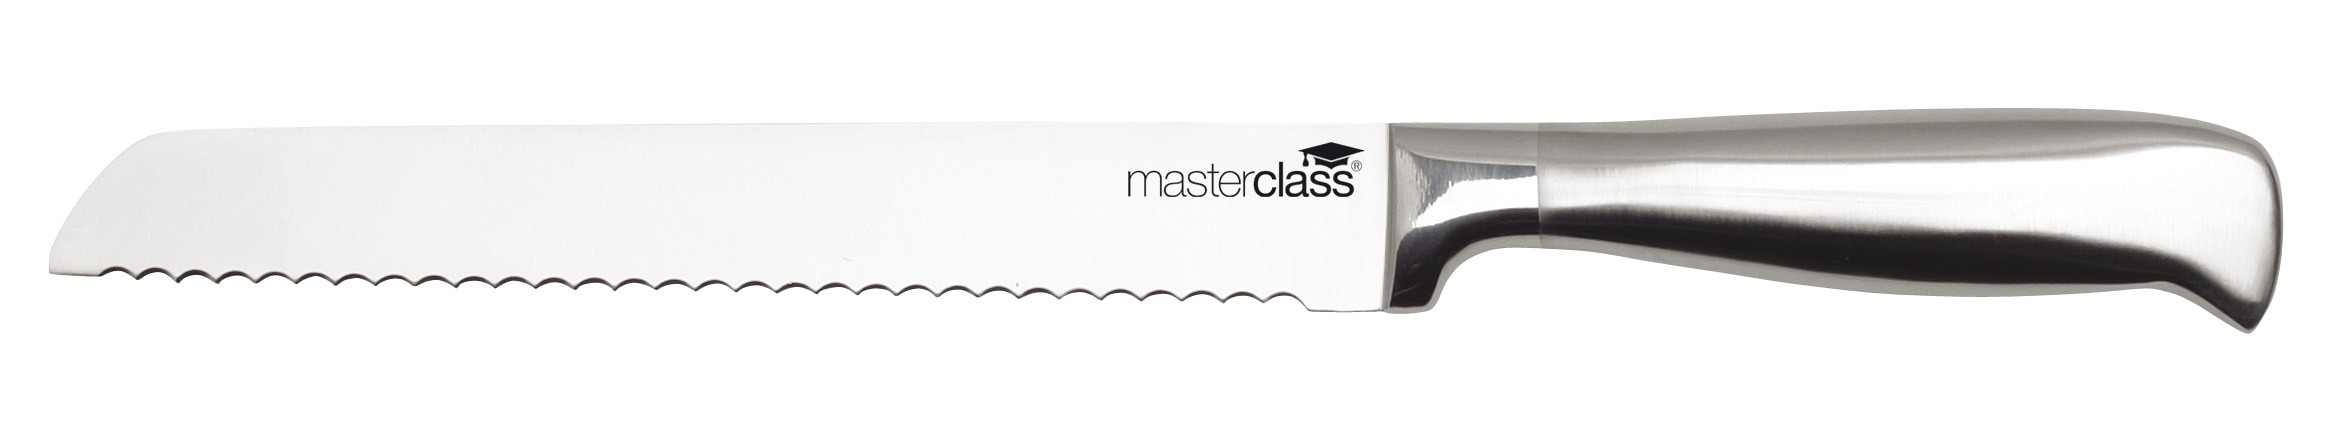 Μαχαίρι Ψωμιού Ανοξείδωτο 20cm Masterclass home   εργαλεια κουζινας   μαχαίρια